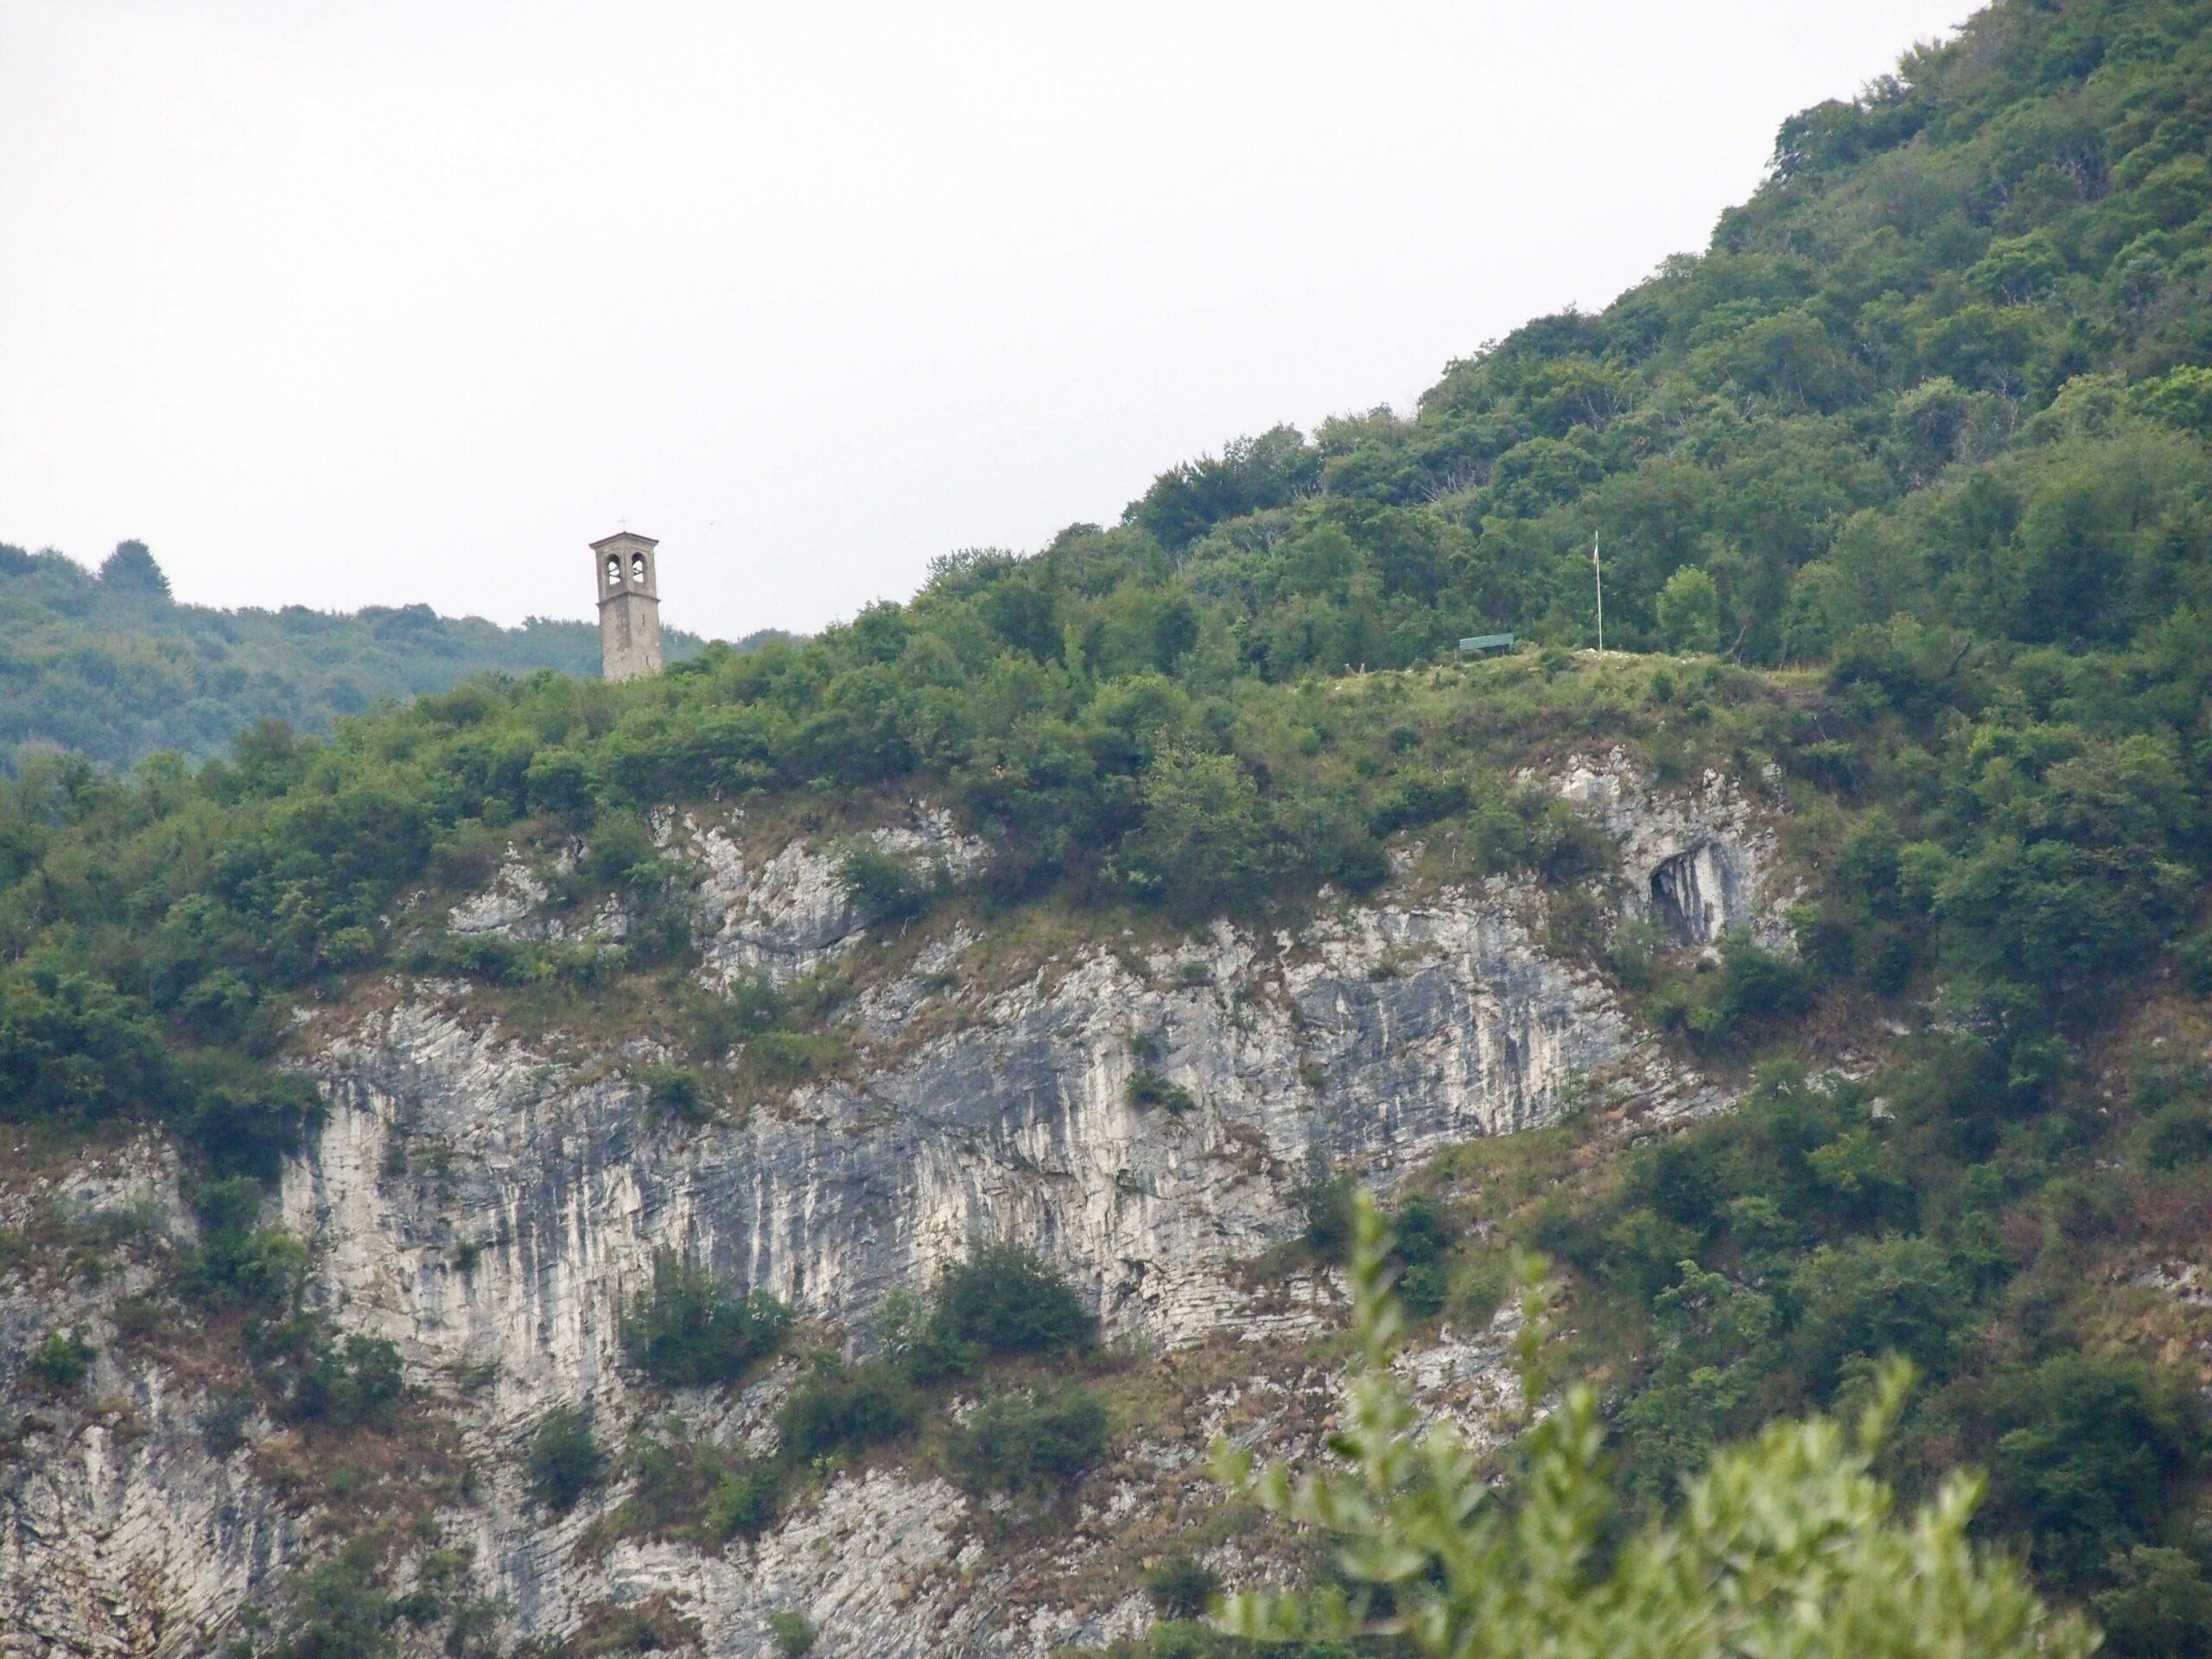 Turm der Kapelle San Fermo und die Panchina Gigante vom CP gesehen